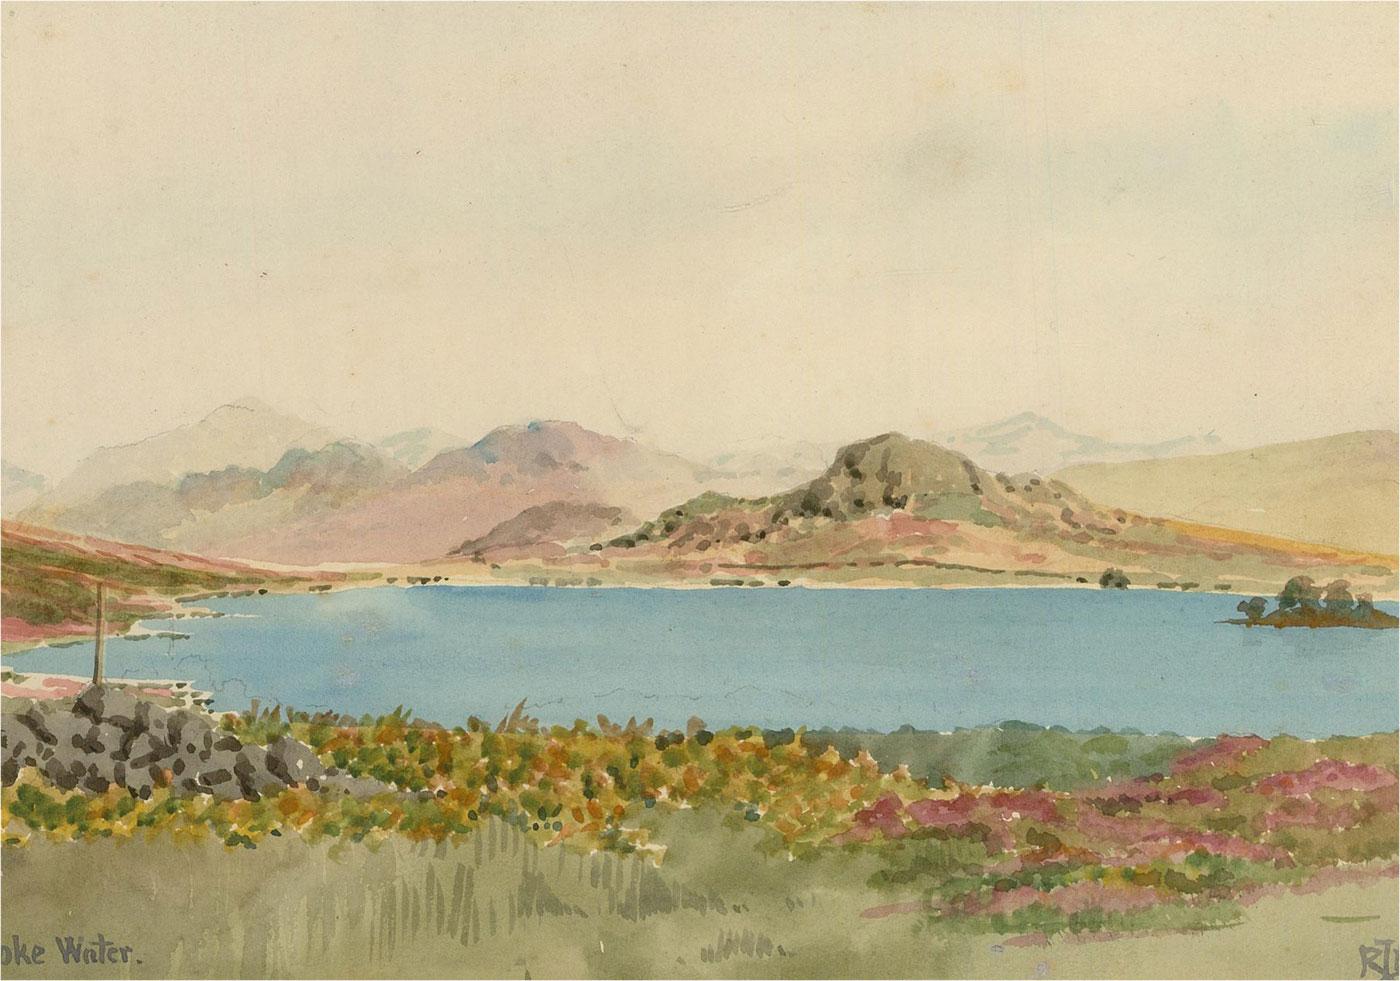 Raymond Turner Barker (1872-1945) - Early 20th Century Watercolour, Devoke Water